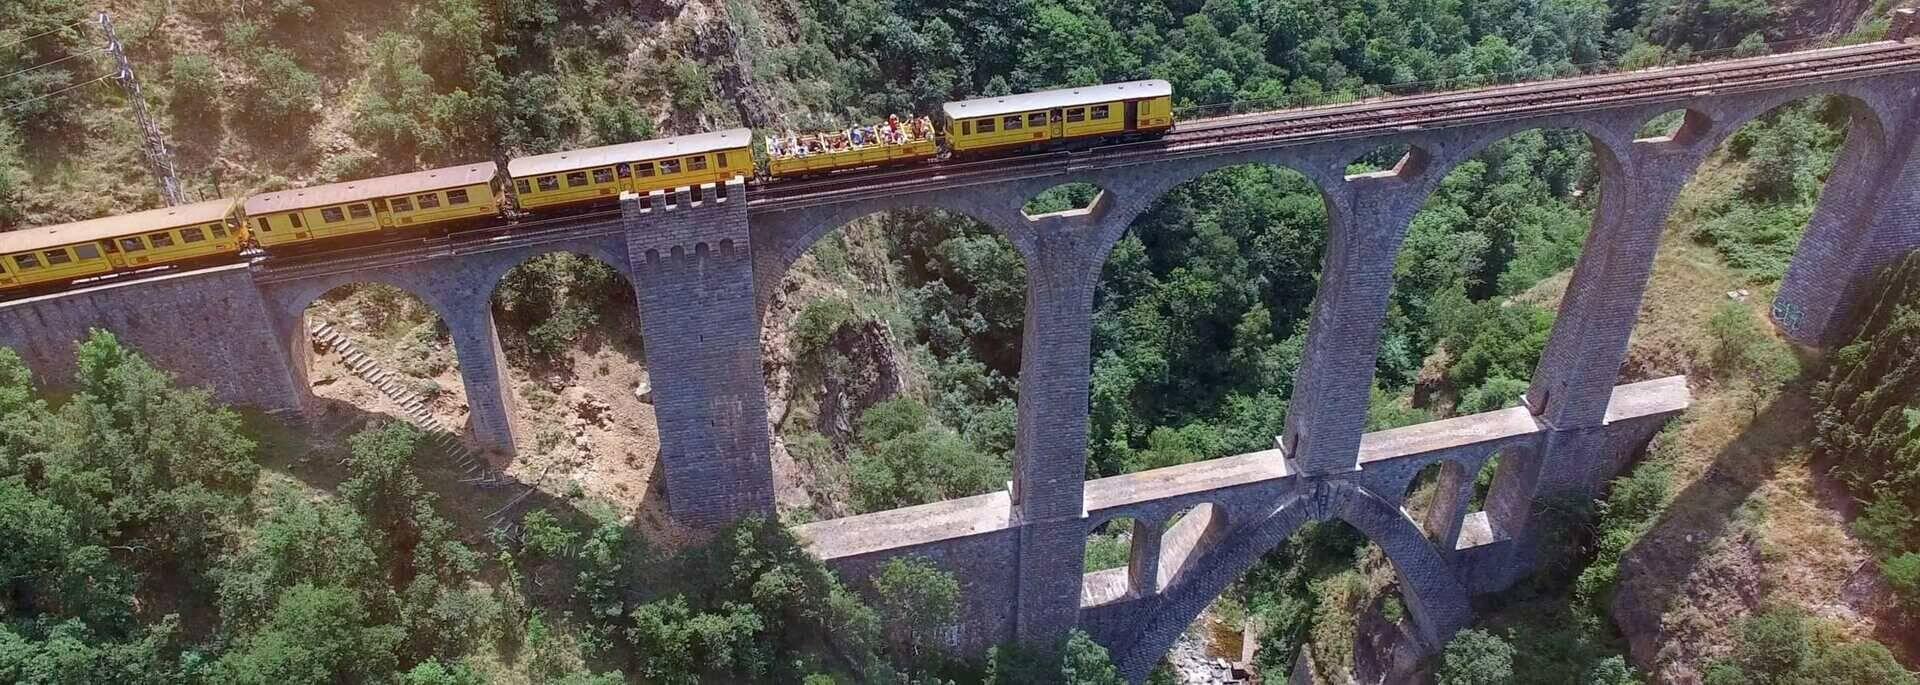 train jaune sur le pont séjourné